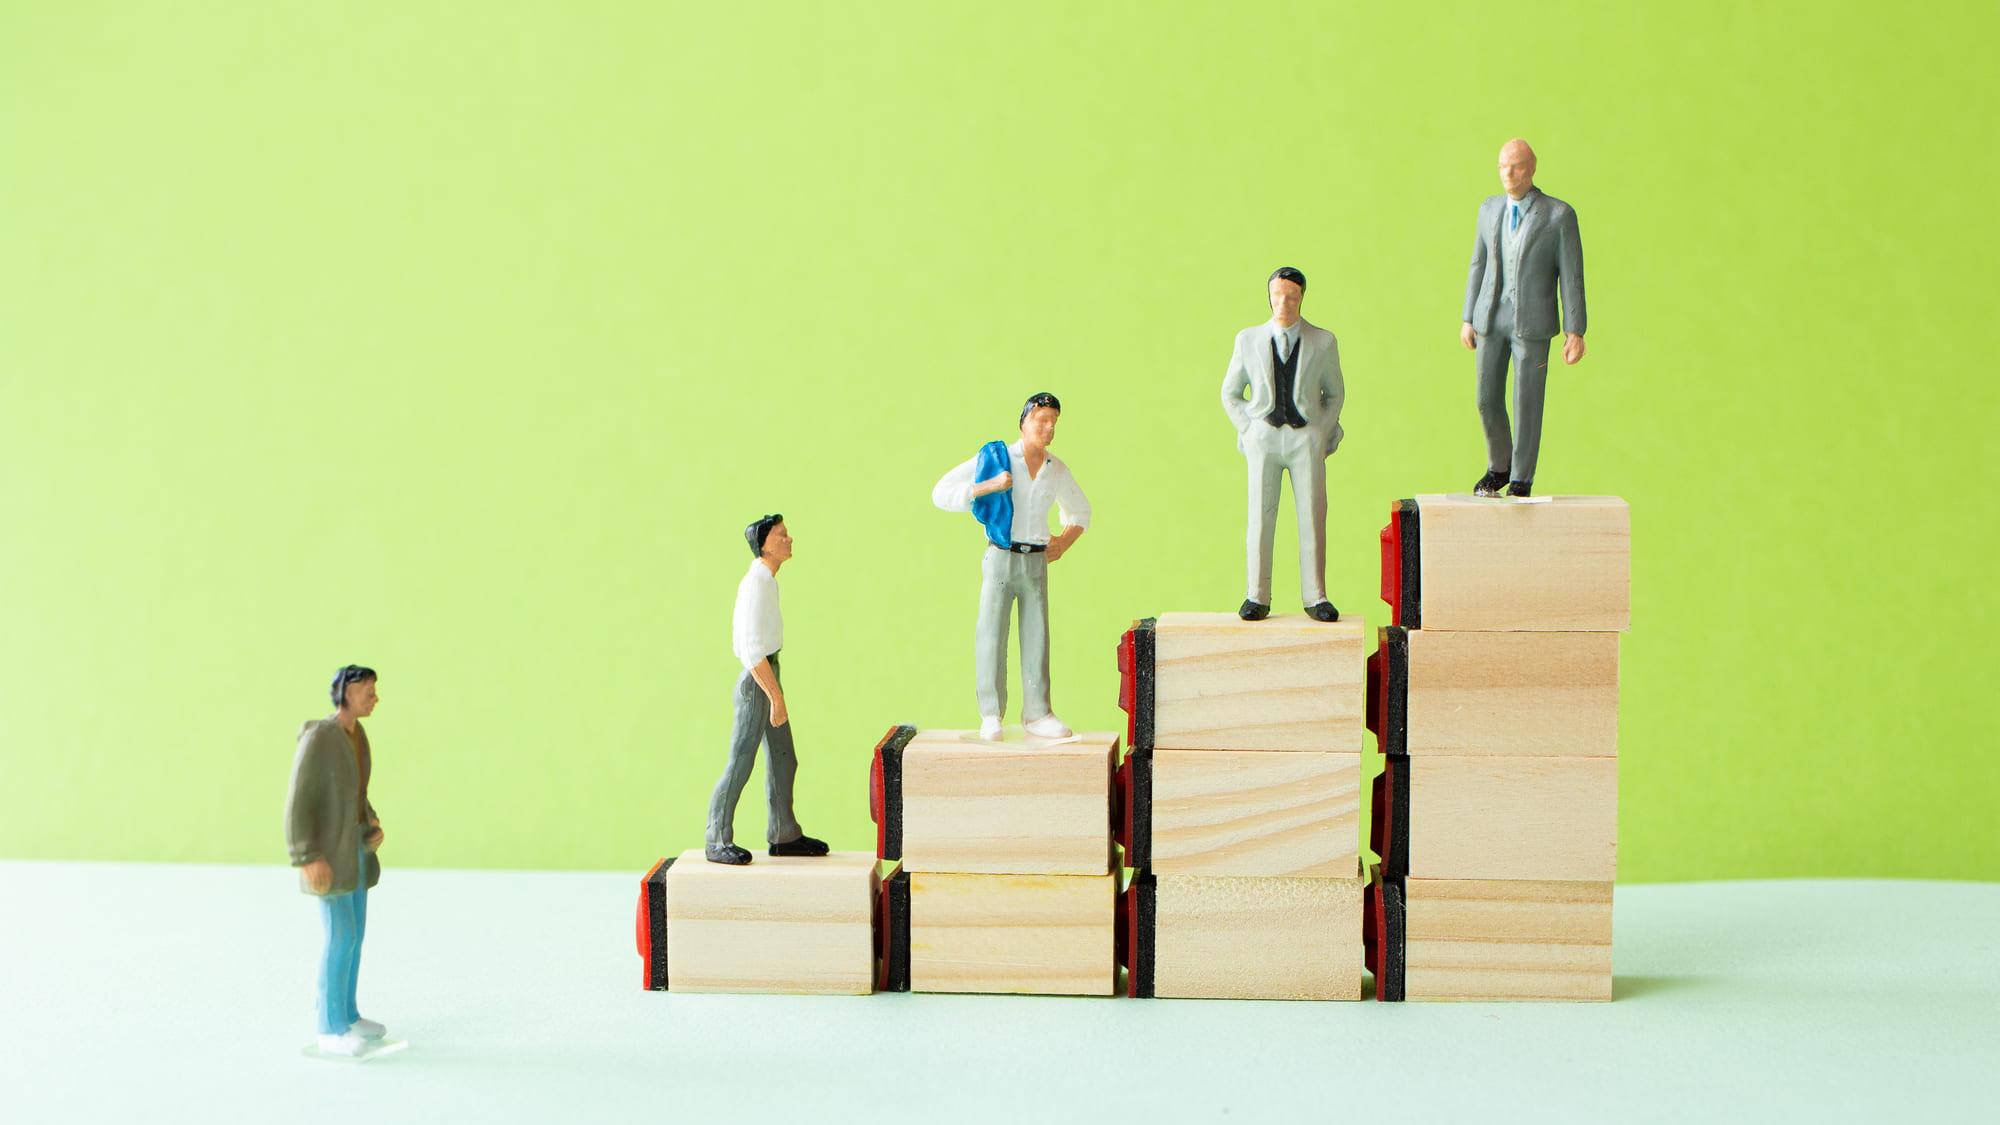 勤続年数は住宅ローンにどう影響する?転職後に住宅ローンを組む方法